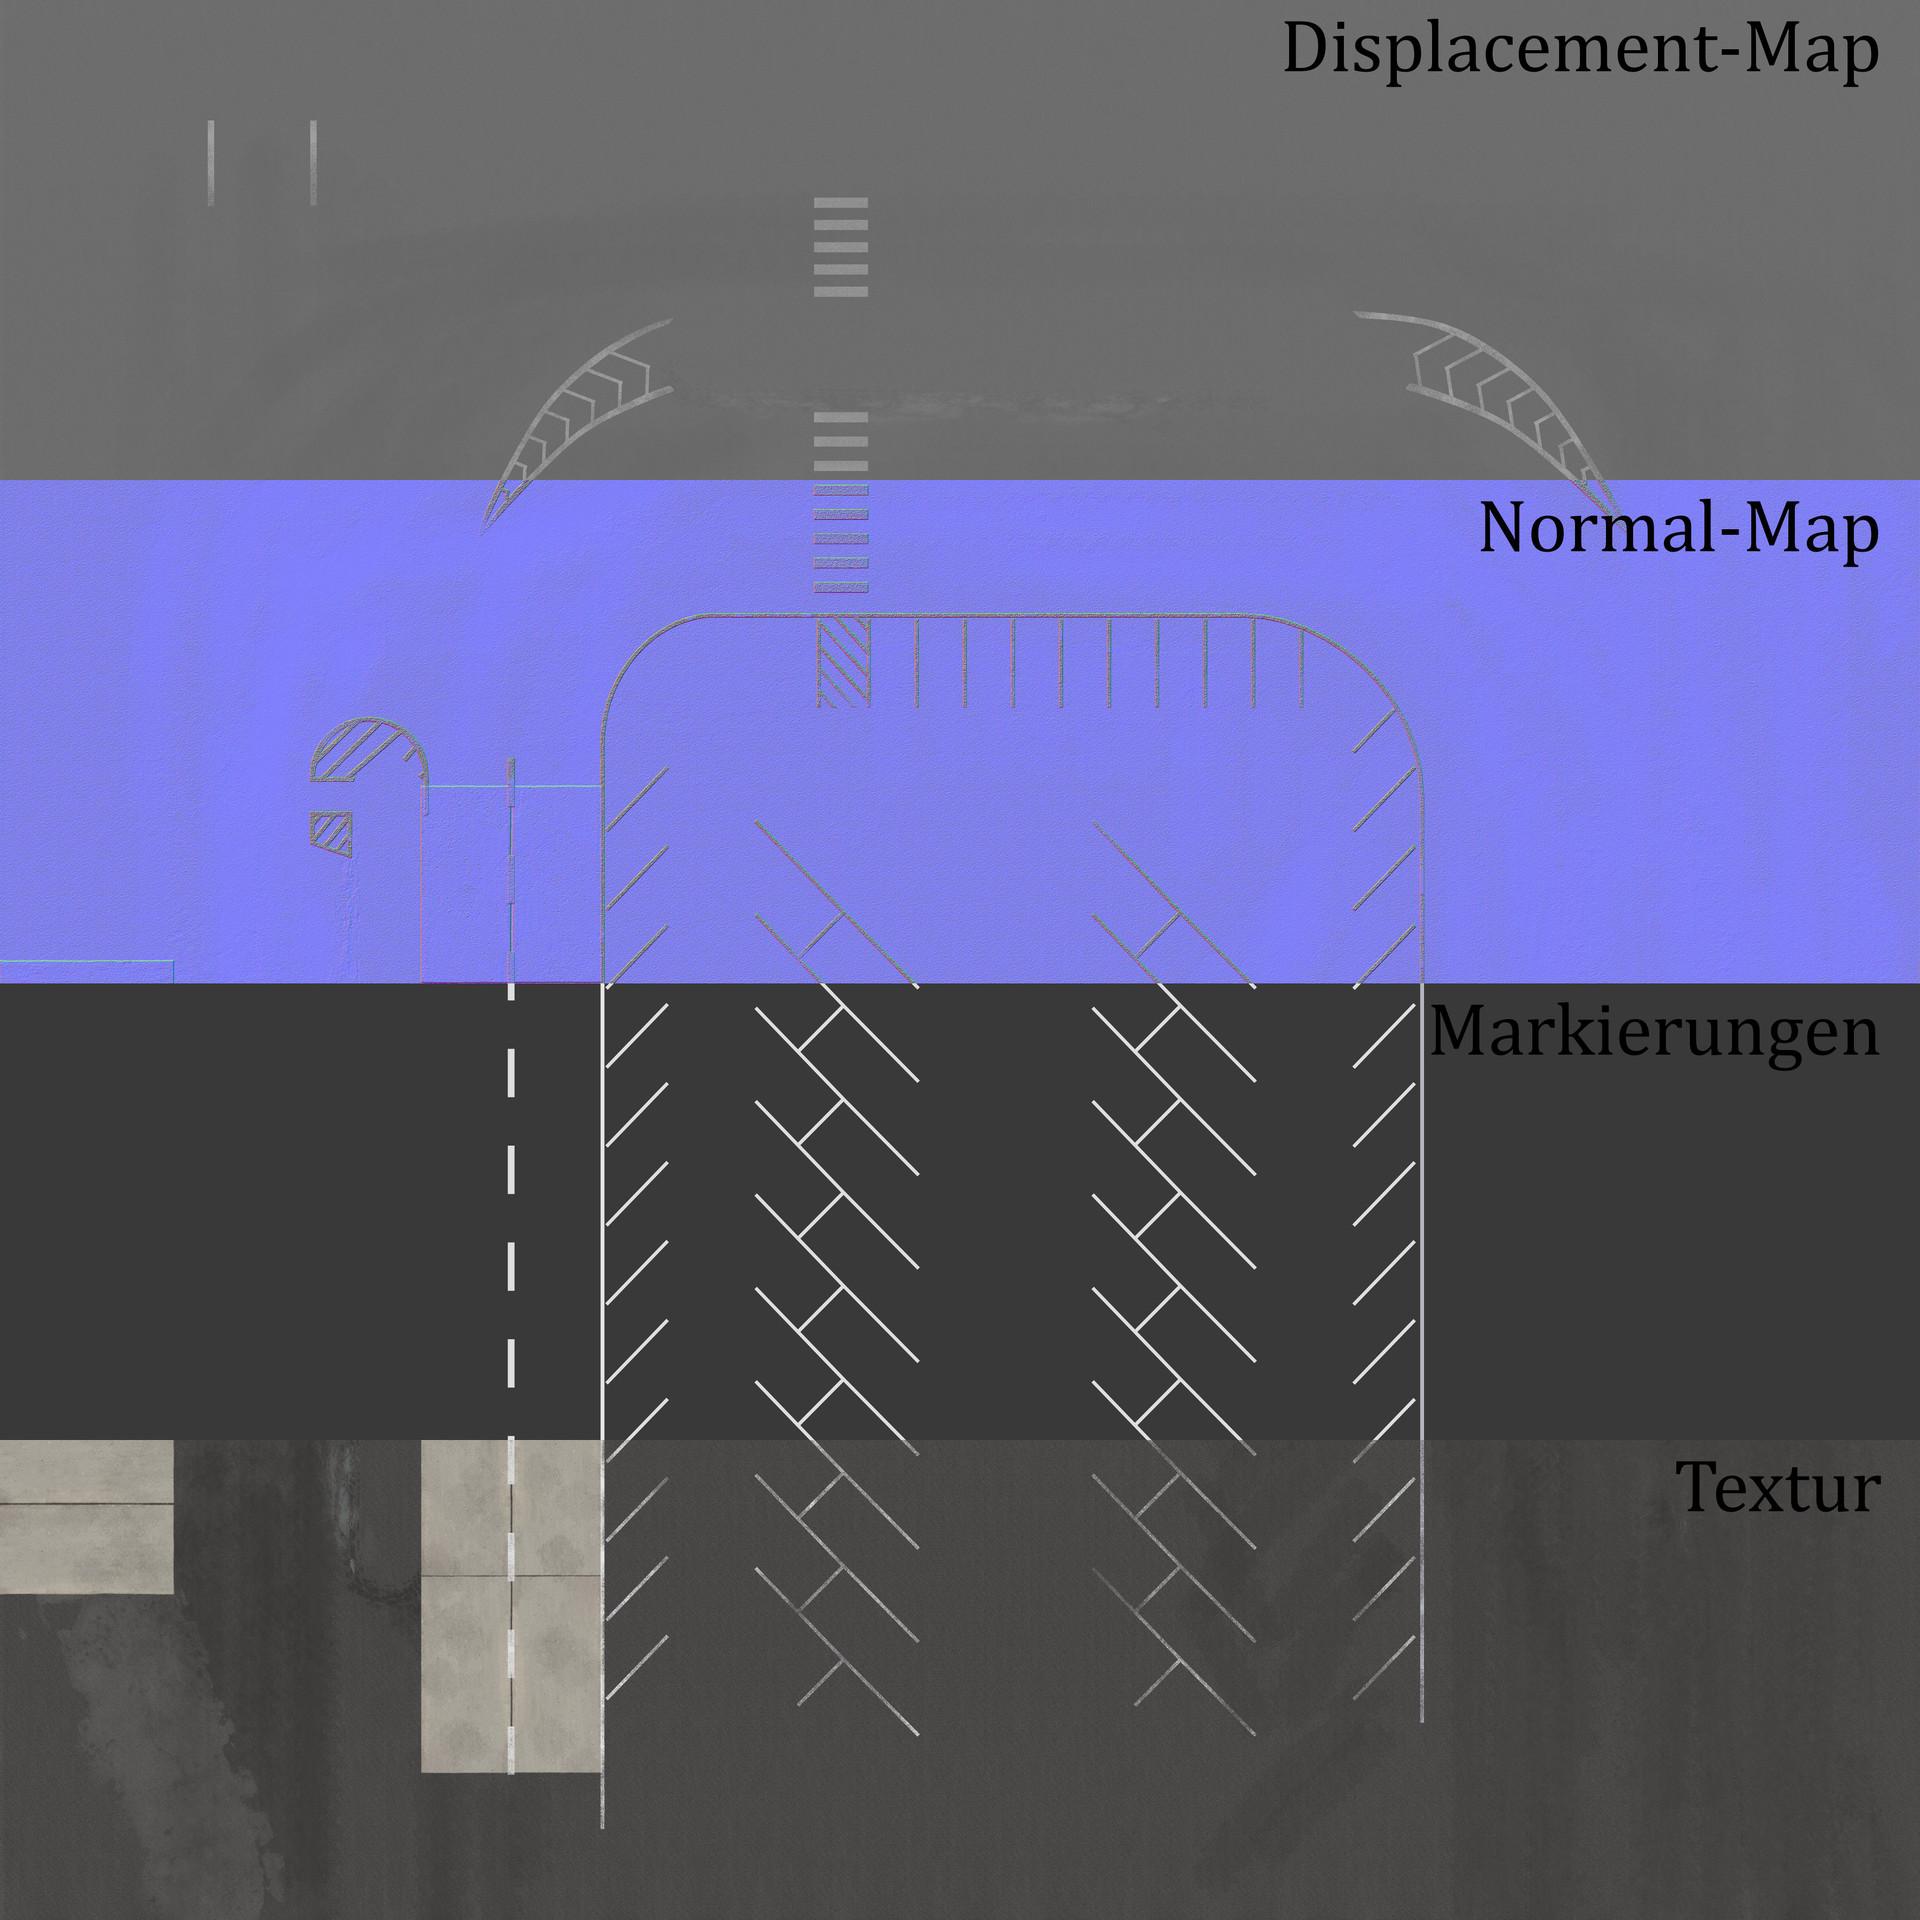 verwendete Texturen für den Asphalt